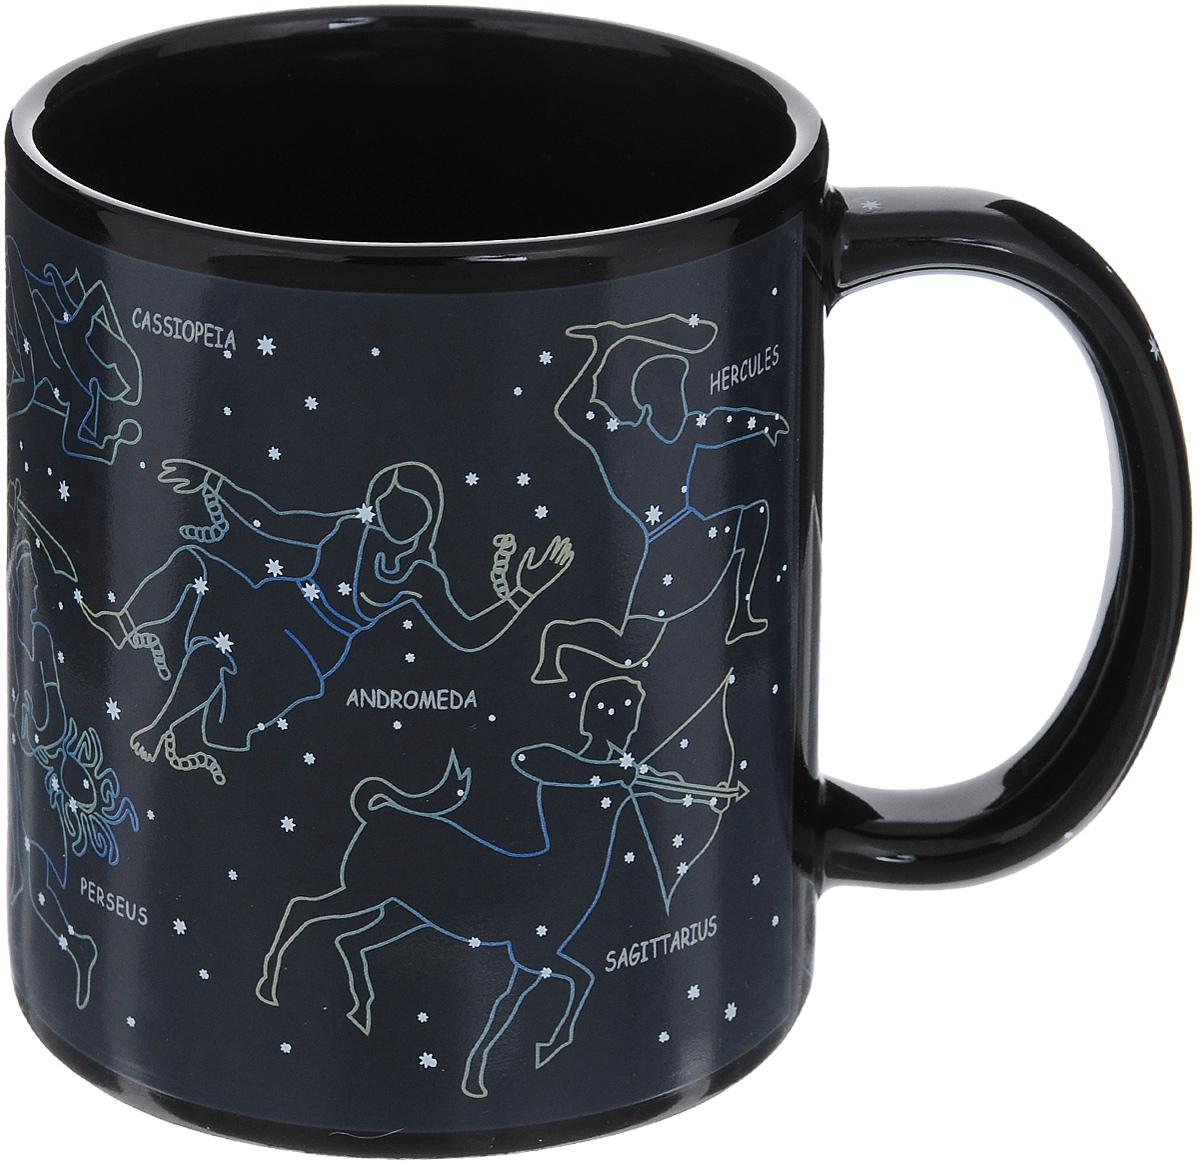 Кружка-хамелеон Эврика Разогрей звезду, 300 мл96311Кружка-хамелеон Эврика Разогрей звезду выполнена из высококачественной керамики. Рисунок на стенках состоит из множества светлых звездочек, сияющих в ночном небе. Но стоит налить в кружку горячий напиток, и между точками проявятся невидимые доселе нити, превращающие их в знаменитые созвездия. Рядом с каждым созвездием написано его латинское название. Такой подарок станет не только приятным, но и практичным сувениром: кружка станет незаменимым атрибутом чаепития, а оригинальный дизайн вызовет улыбку.Высота кружки: 9,5 см.Диаметр (без учета ручки): 8 см.